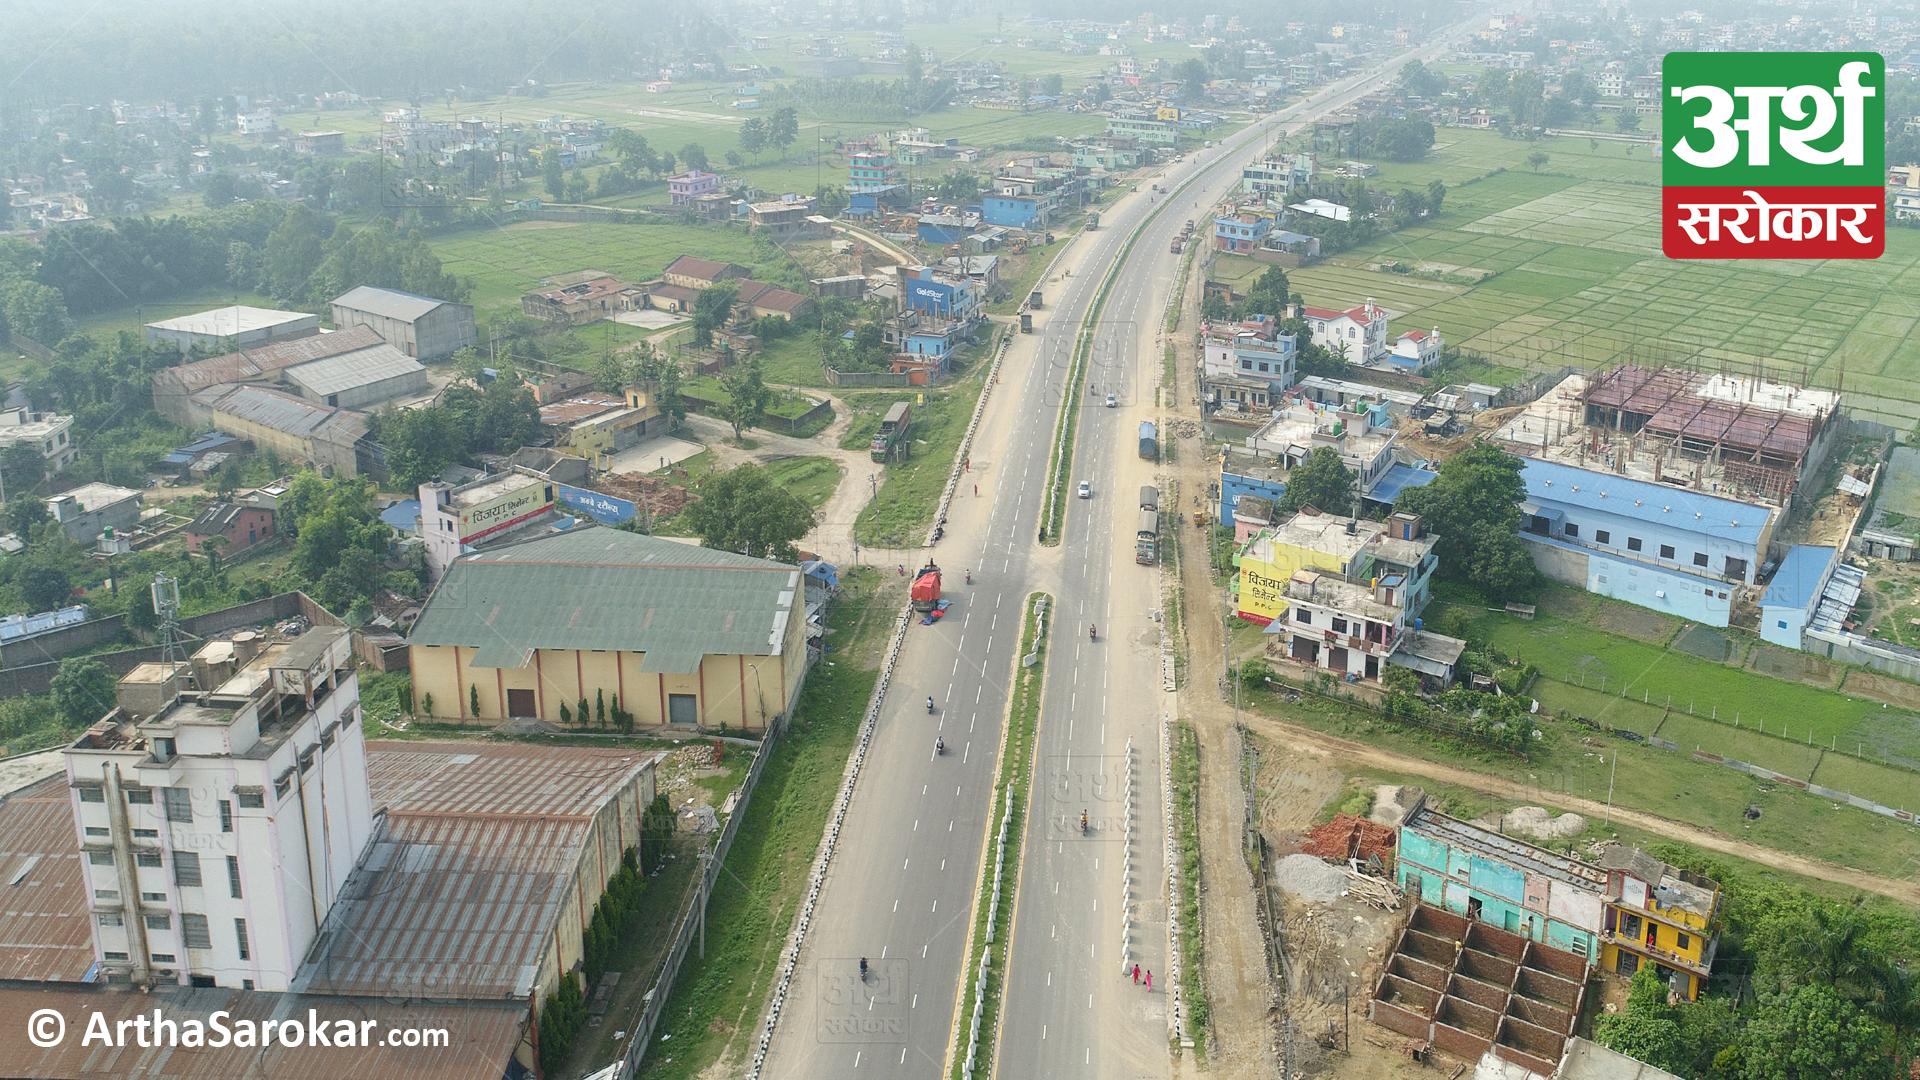 धनगढीमा दुई माहान् उद्योग कम्पनिको प्रदुषण, स्थानिय भन्छन्- 'शक्तिको अगाडी समस्या ओझेलमा पर्यो…'